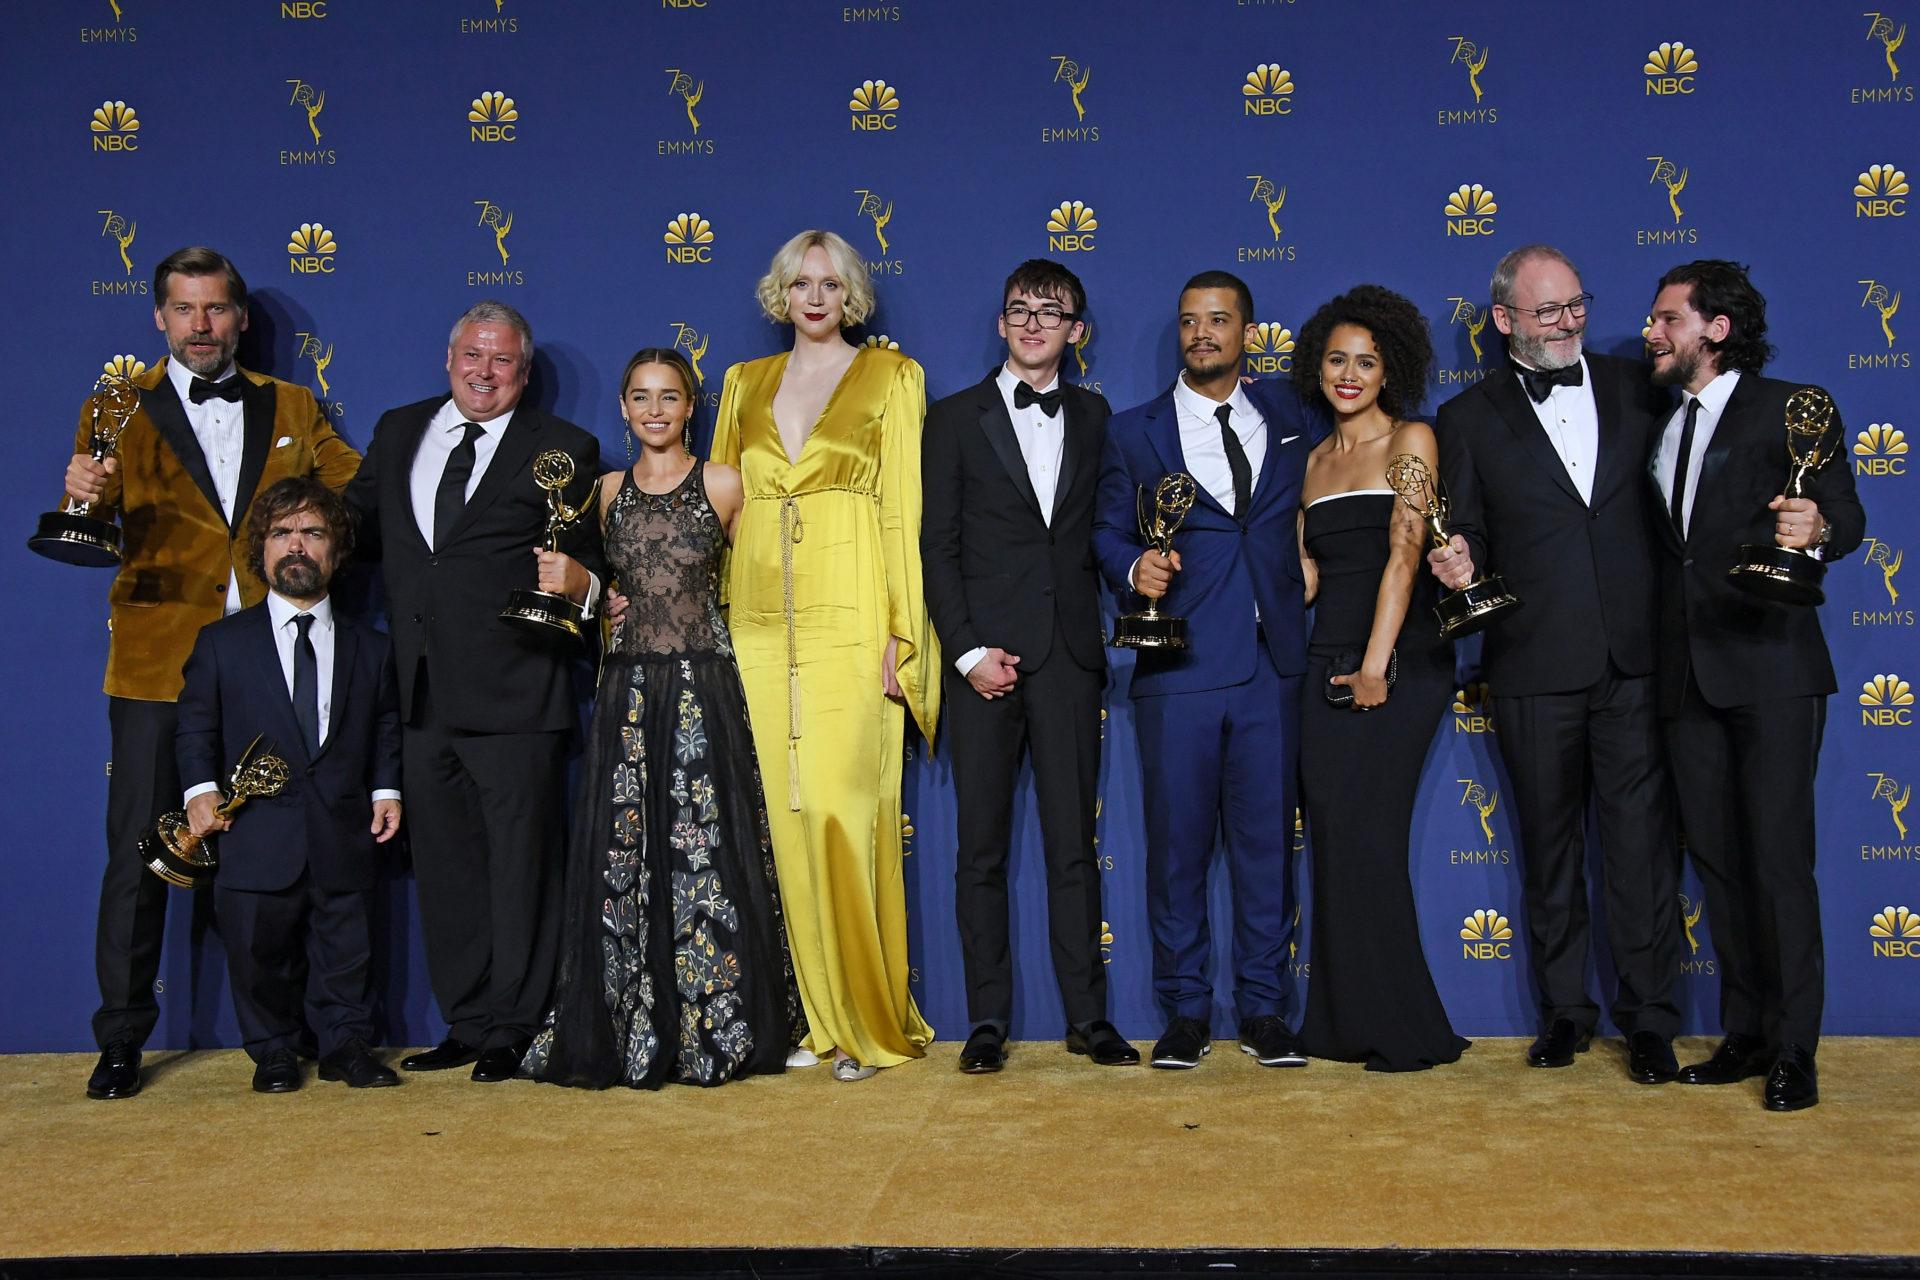 Победители «Эмми»: «Игра престолов» — лучший драматический сериал, «Чернобыль» — лучший мини-сериал